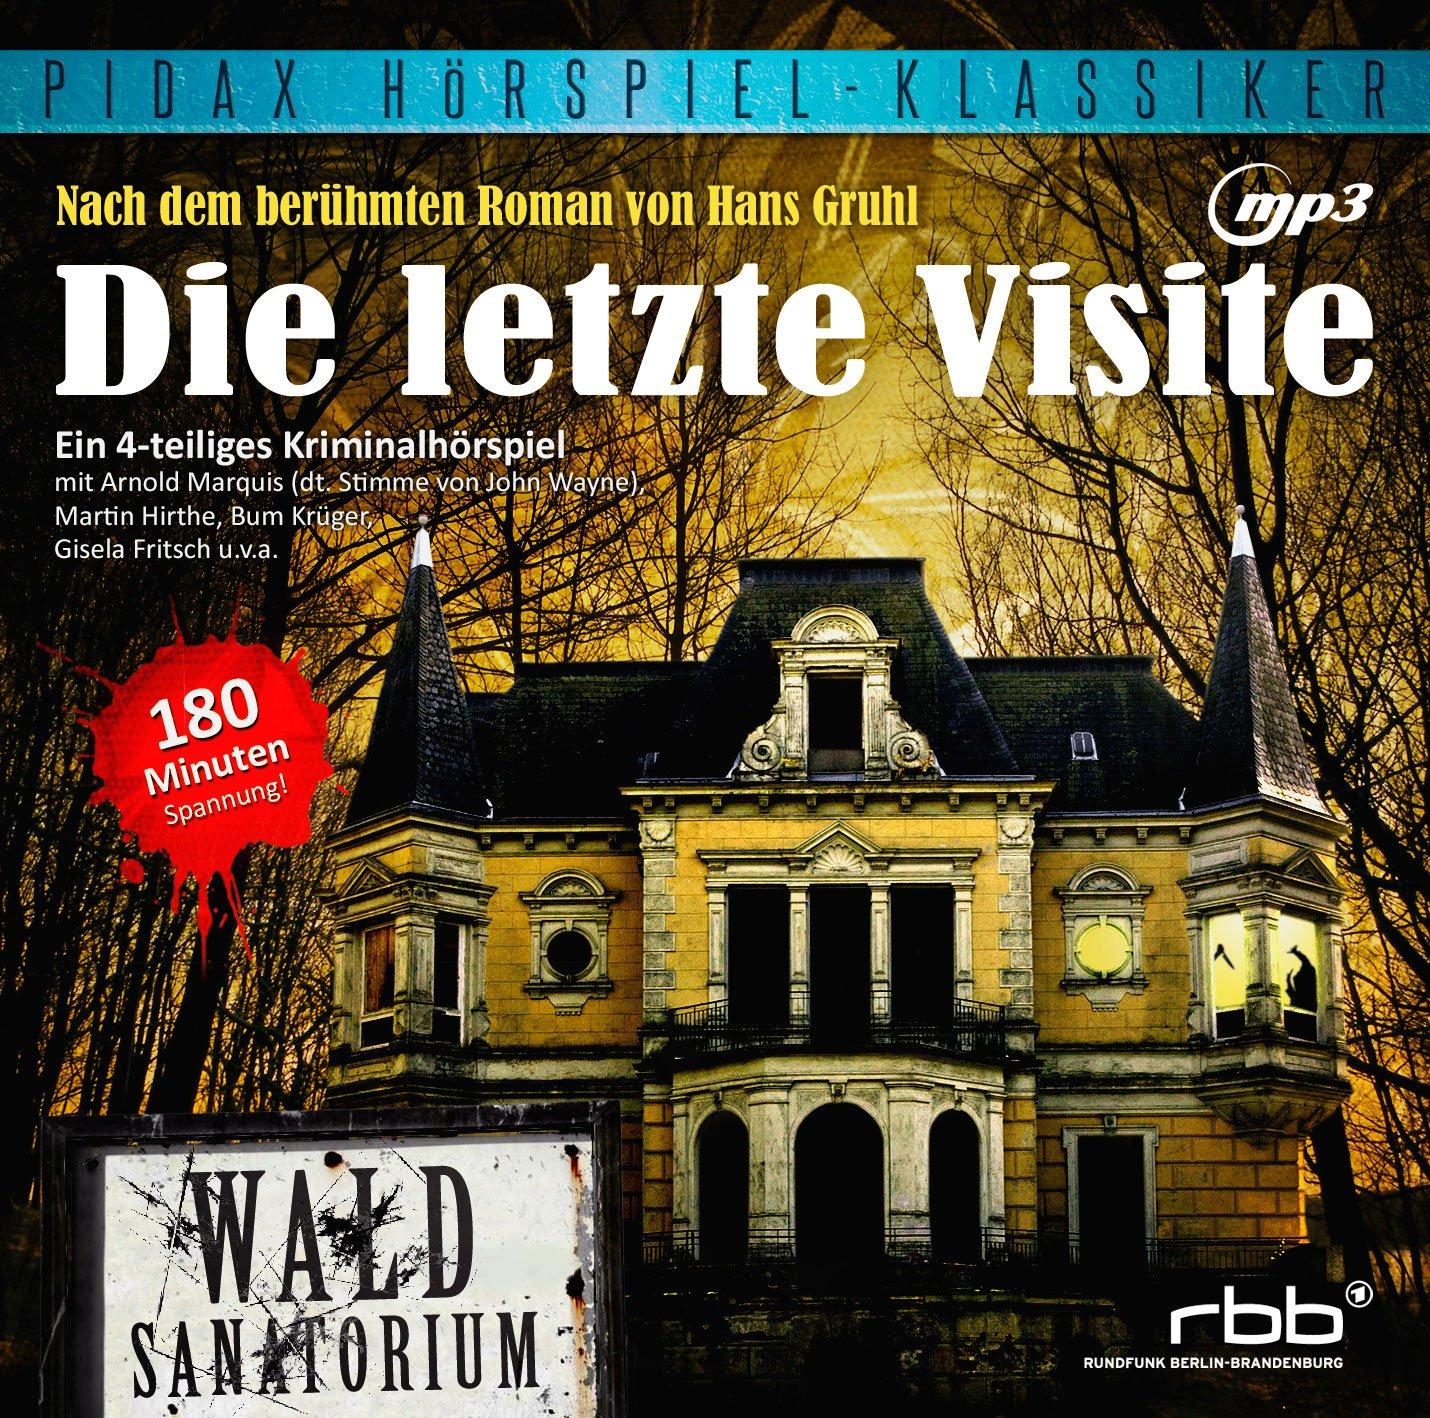 Hans Gruhl - Die letzte Visite (pidax)